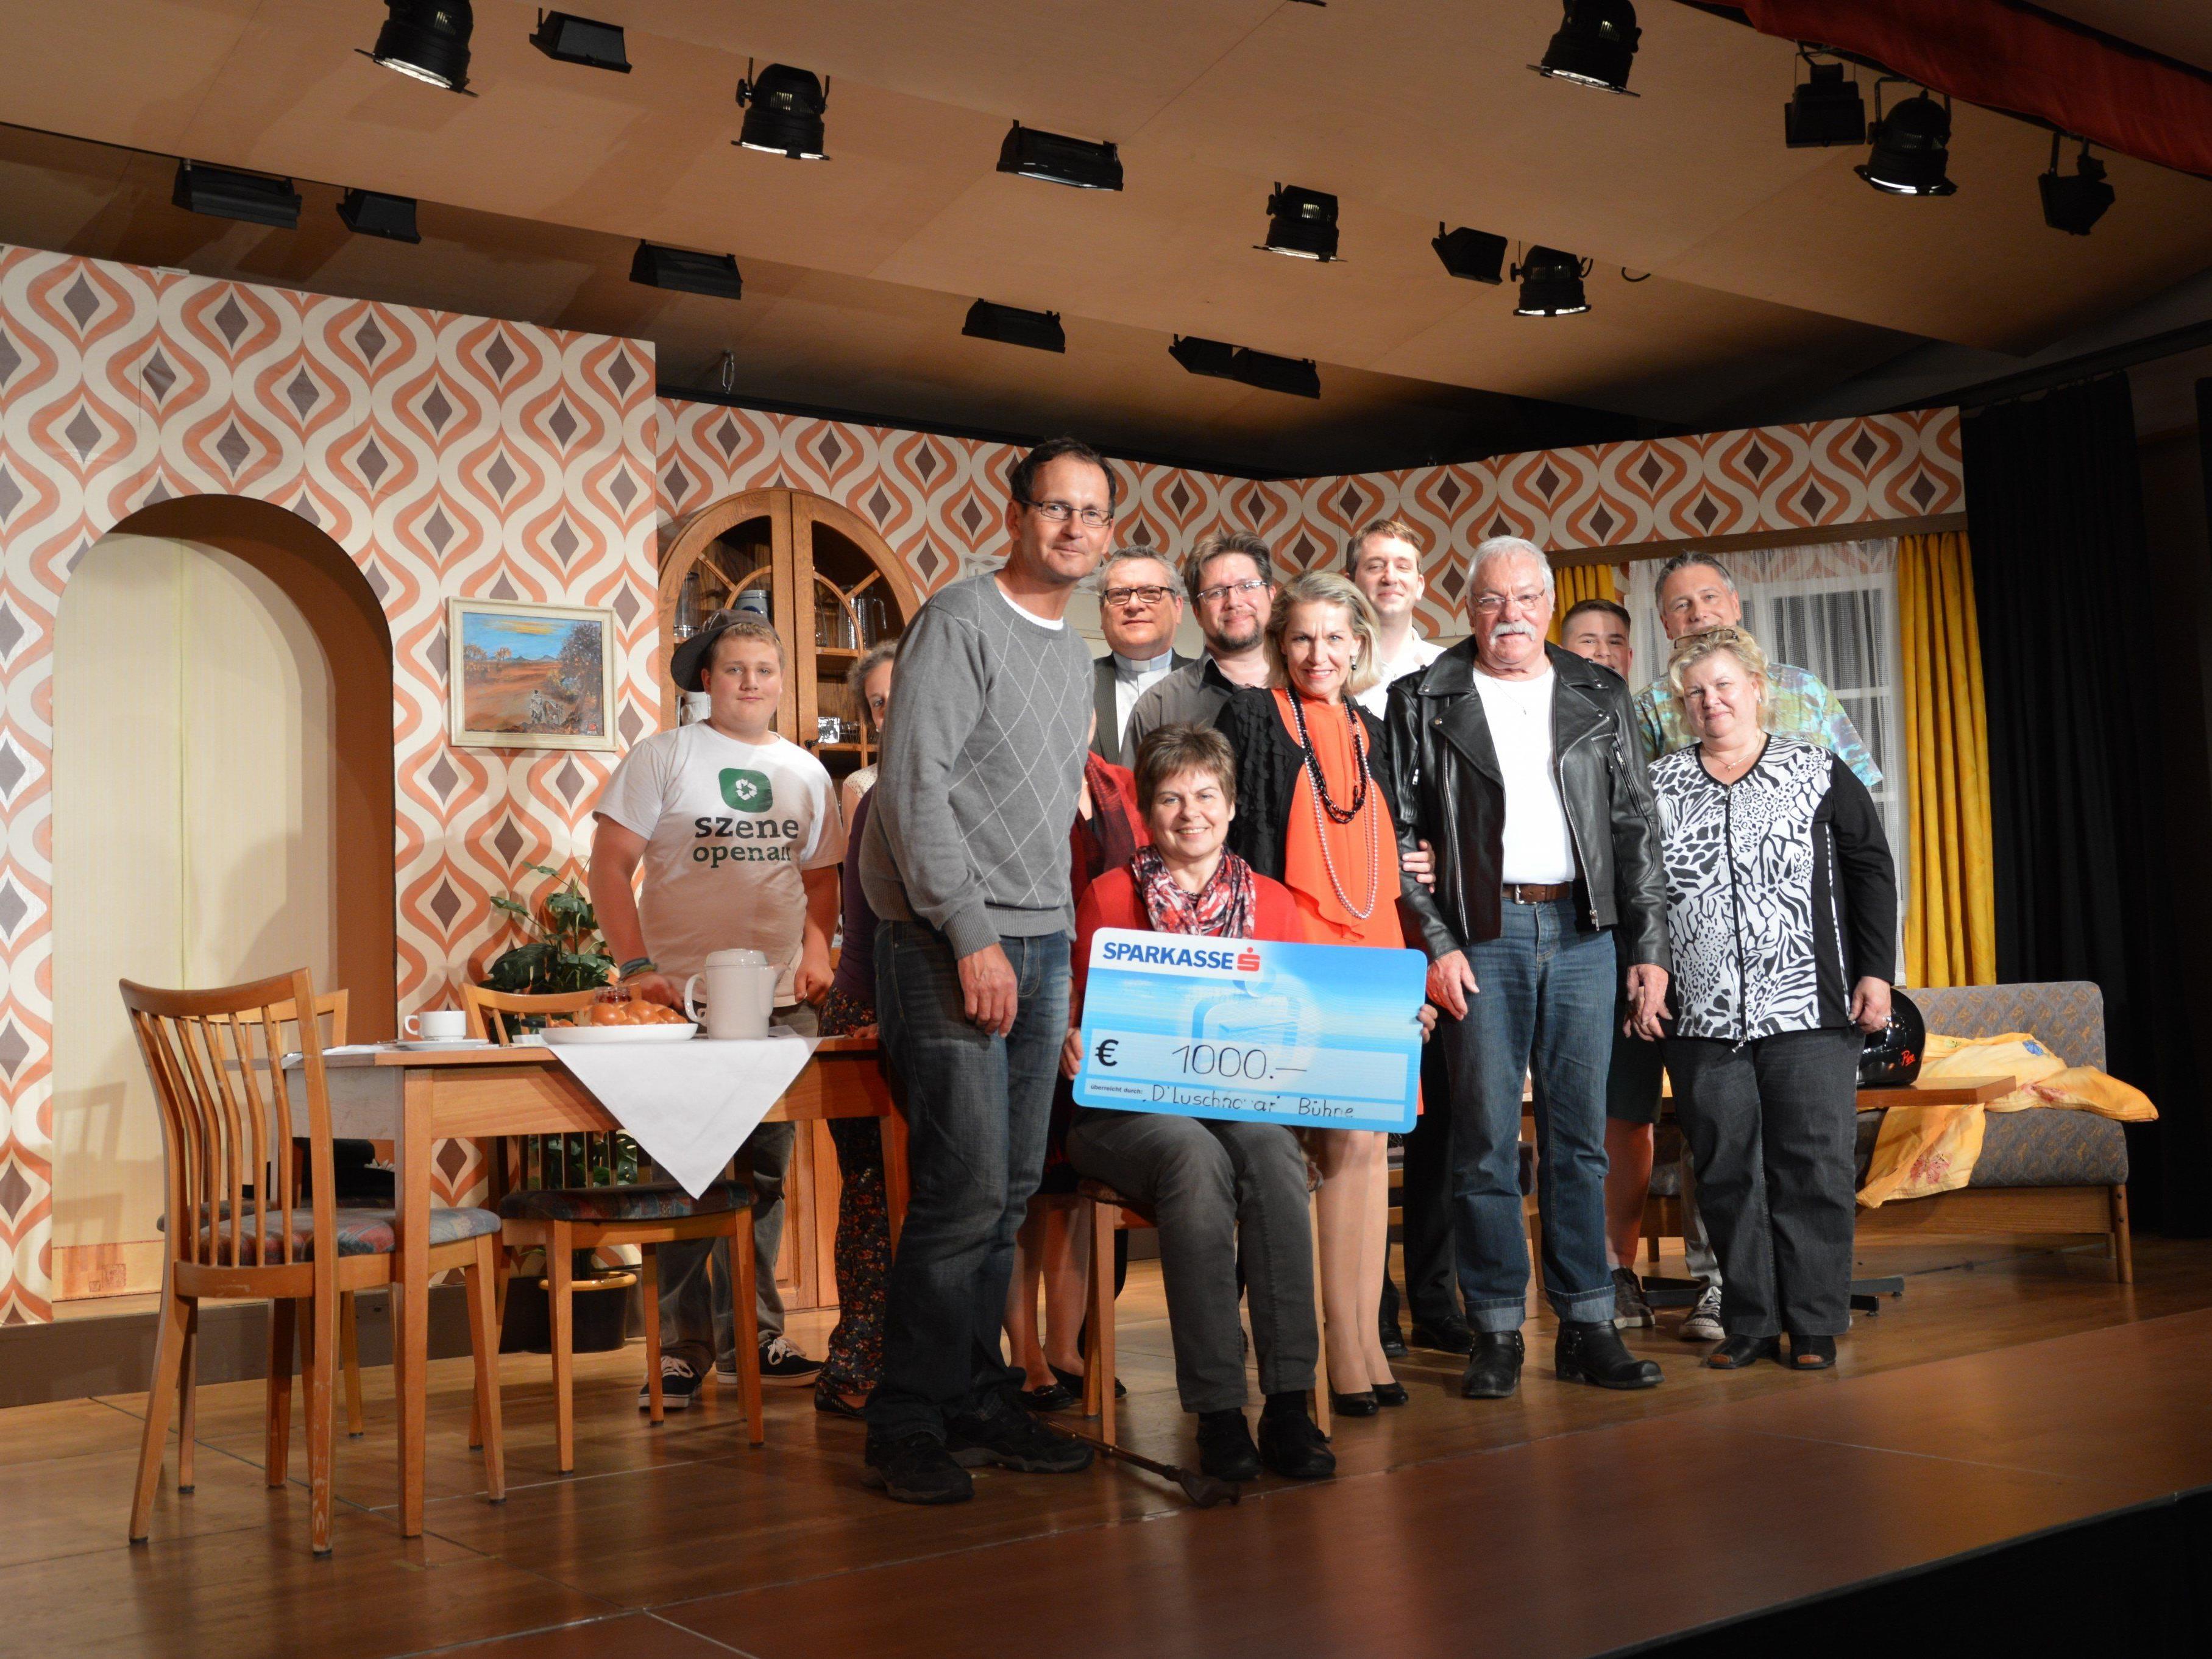 d' Luschnoar Bühne übergab Spende an den MS-Selbsthilfeverein Rheintal